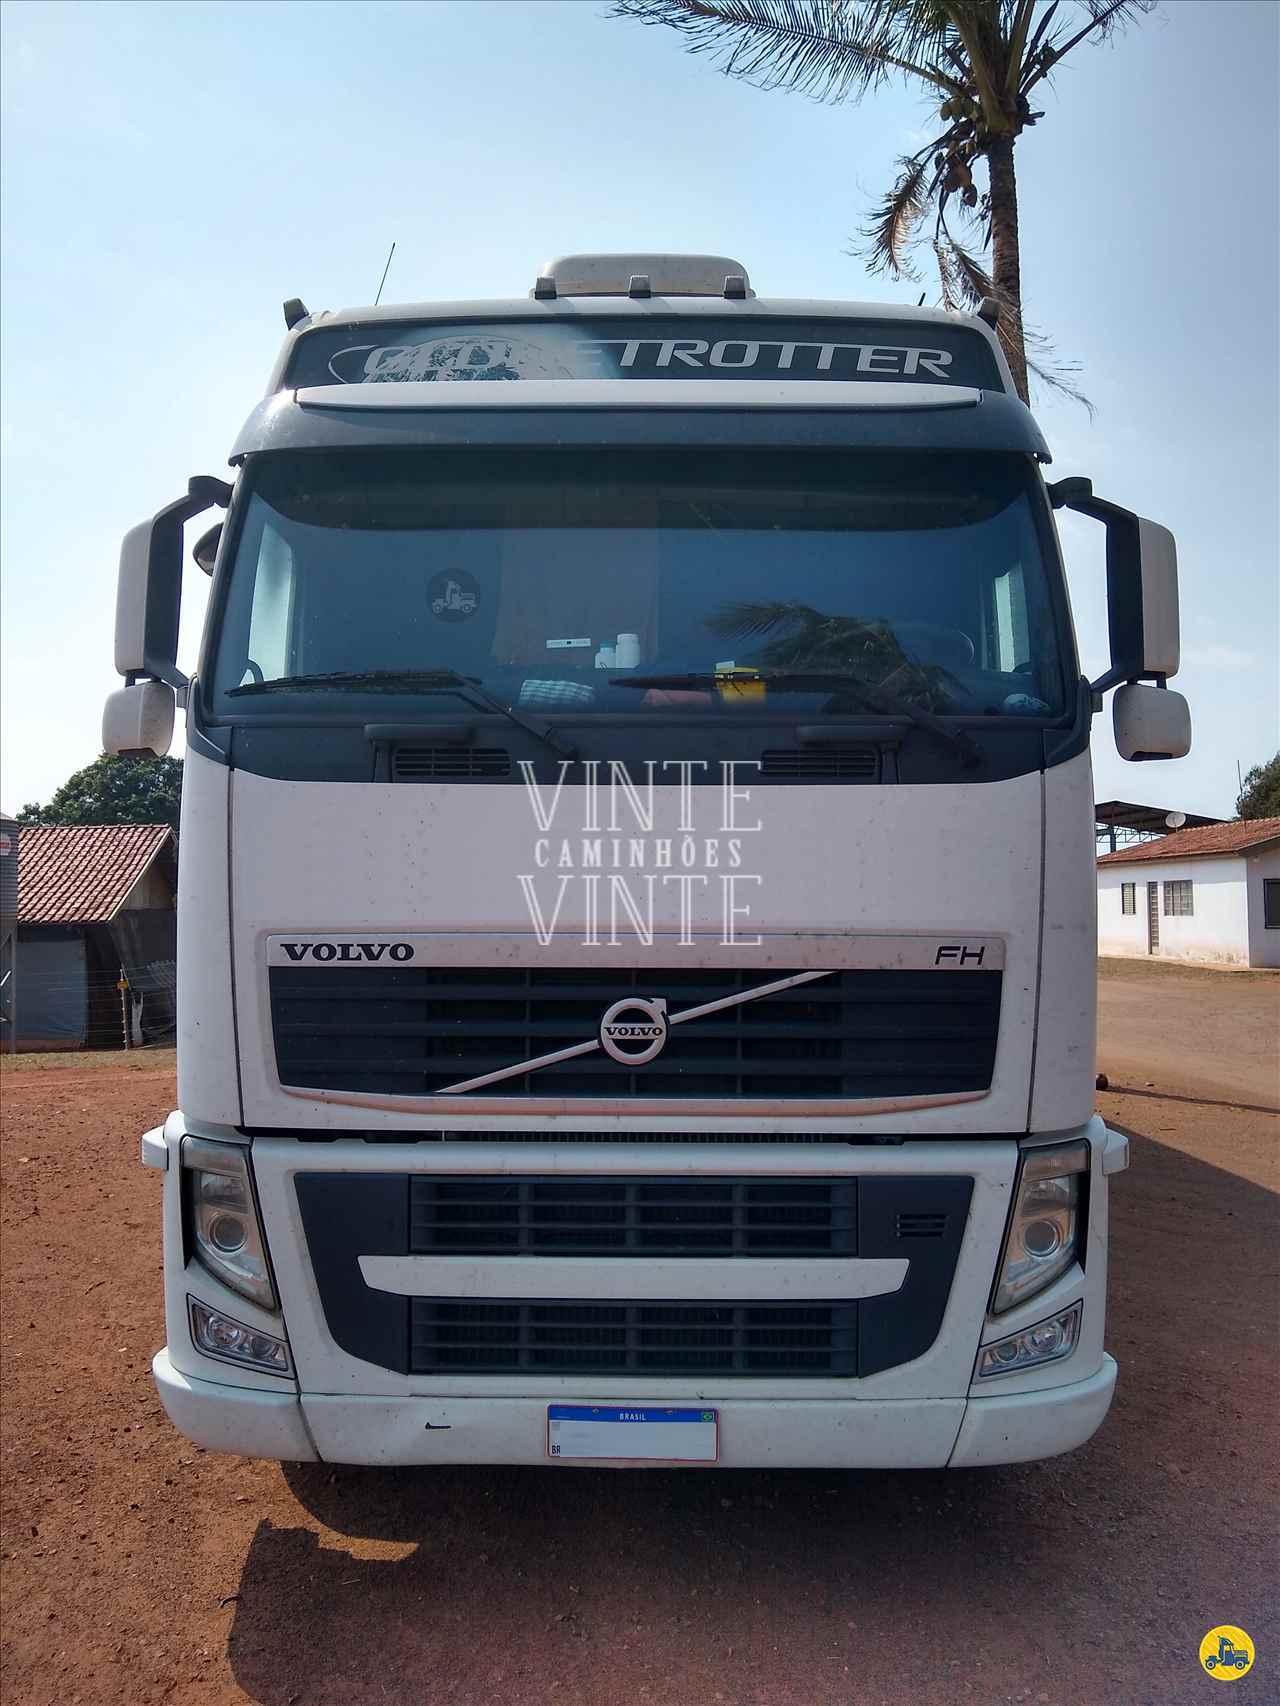 CAMINHAO VOLVO VOLVO FH 460 Cavalo Mecânico Truck 6x2 Vinte-Vinte Caminhões SANTO ANDRE SÃO PAULO SP